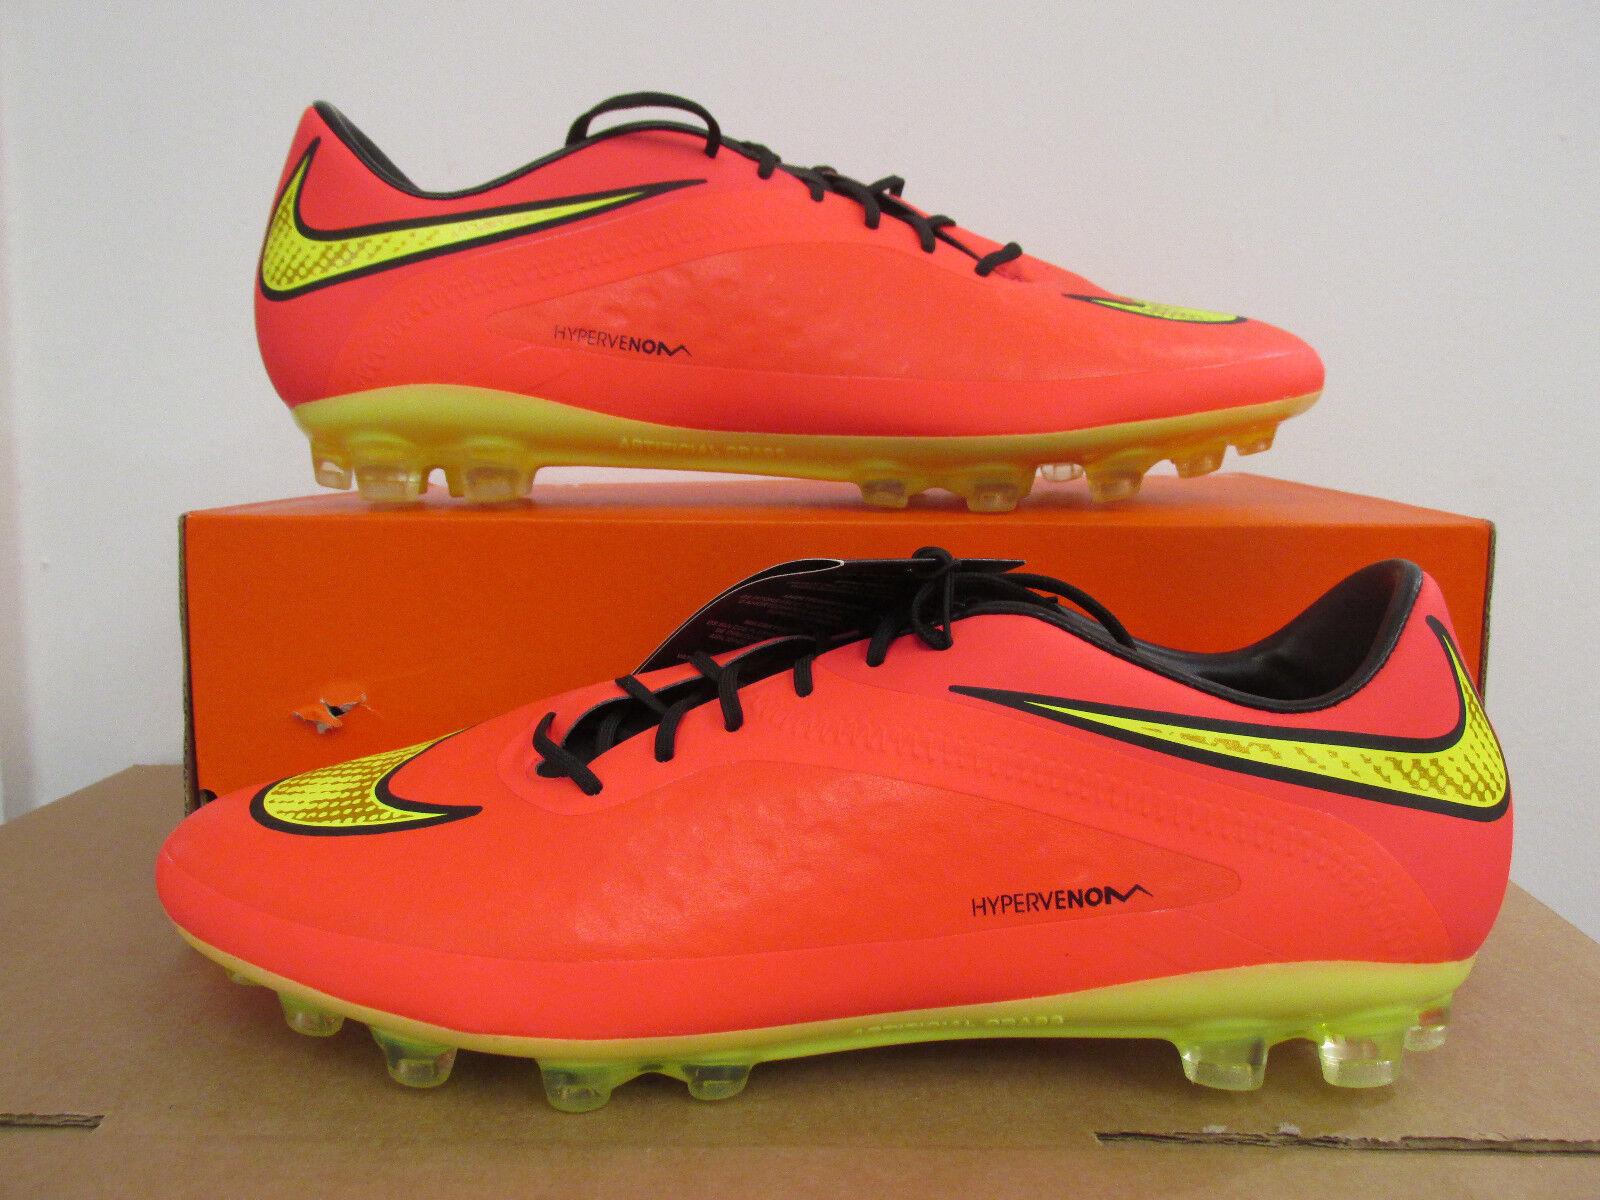 Nike hypervenom phatal ag bei künstliche fußball - 599727 690 künstliche bei clearance d1807f